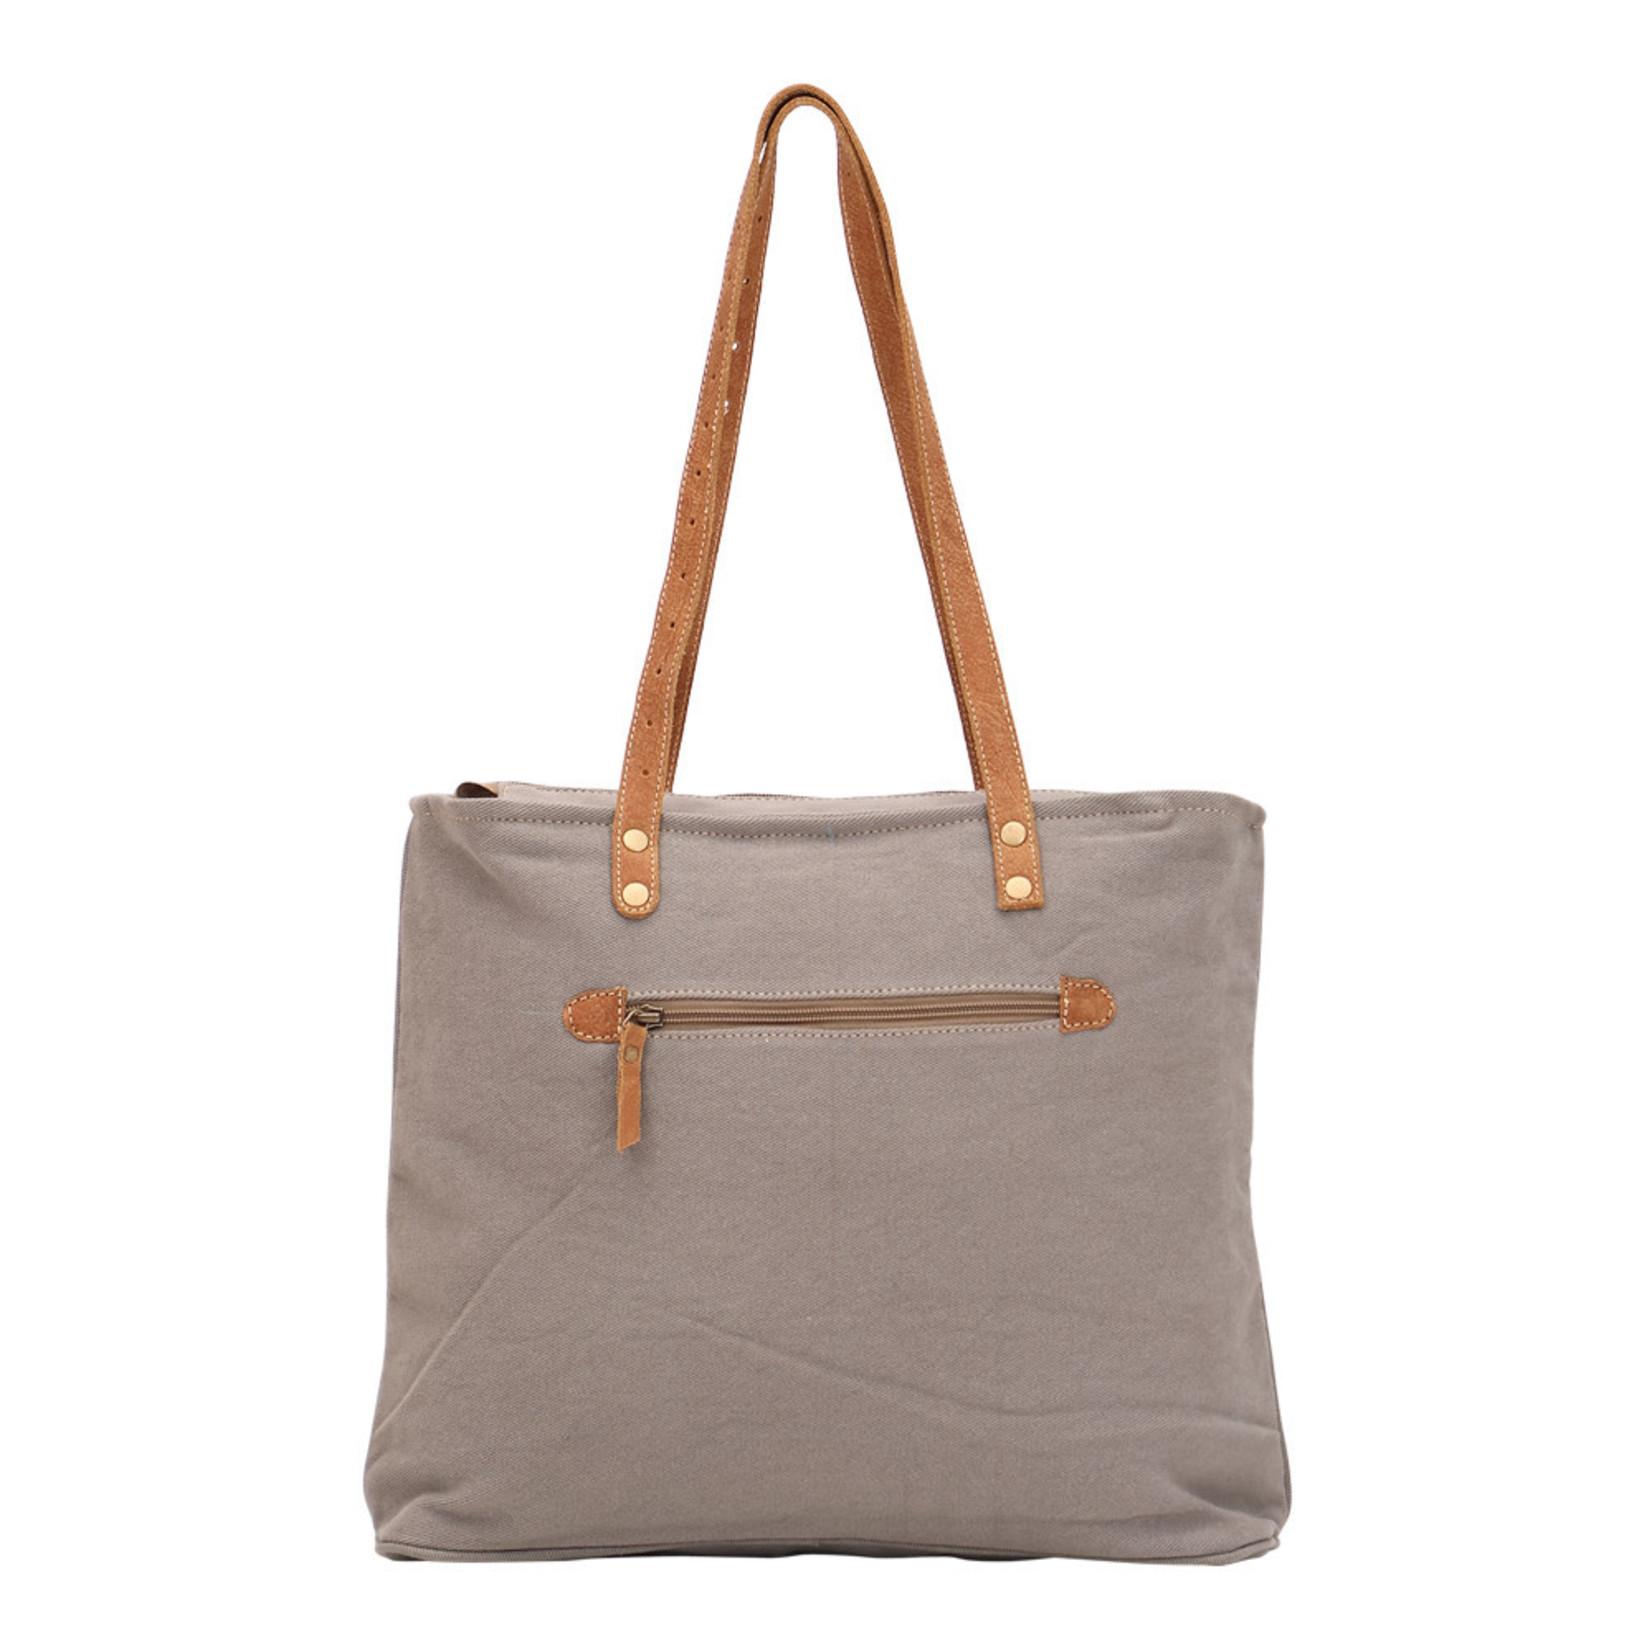 Myra Bags S-1470 Sapphire Tote Bag